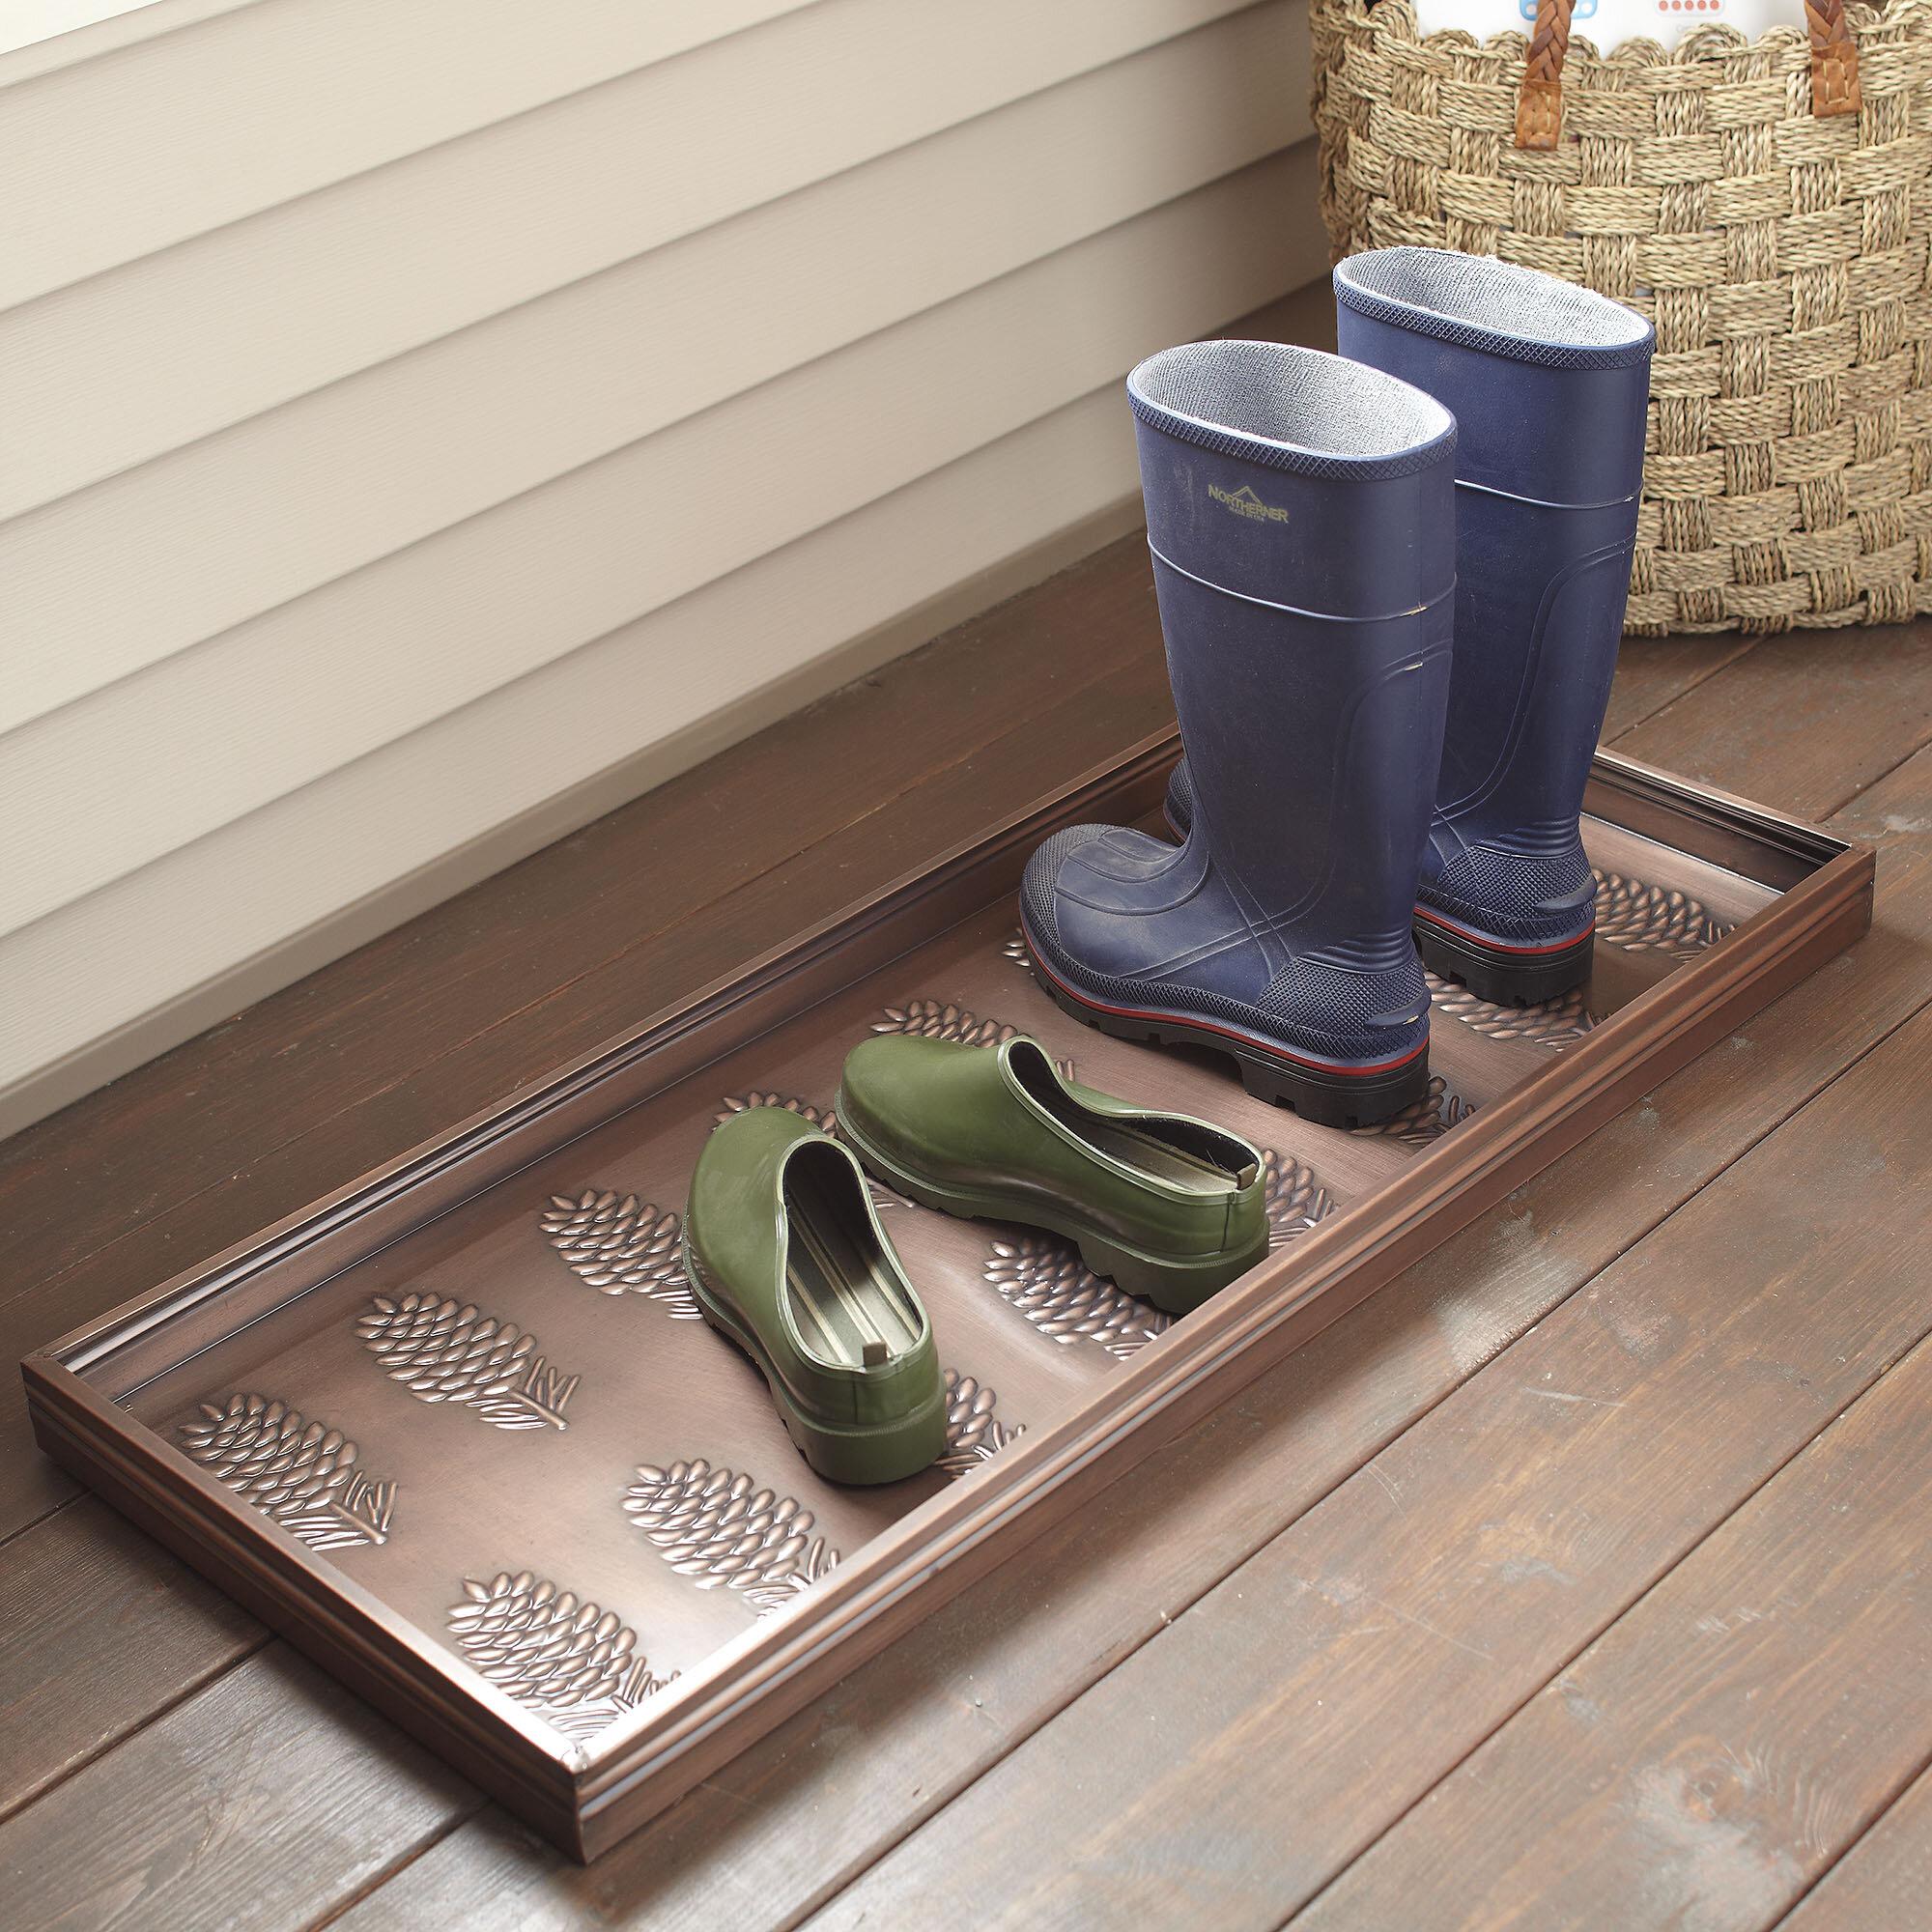 Famous Birch Lane™ Pinecone Galvanized Steel Boot Tray & Reviews | Birch Lane QB13